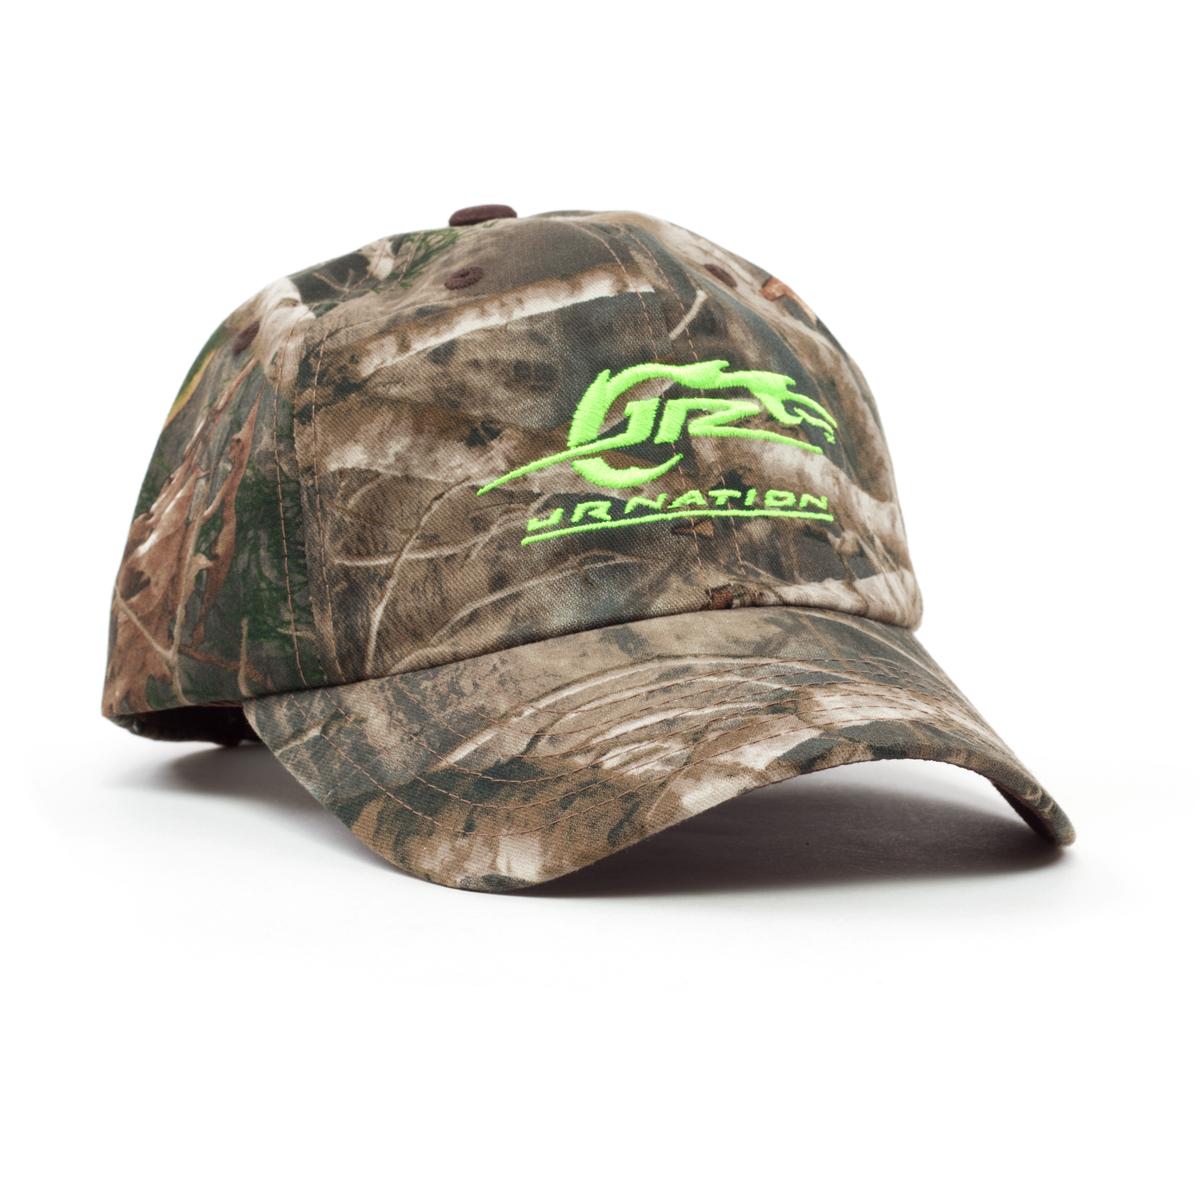 JR Nation 2018 Camo Hat